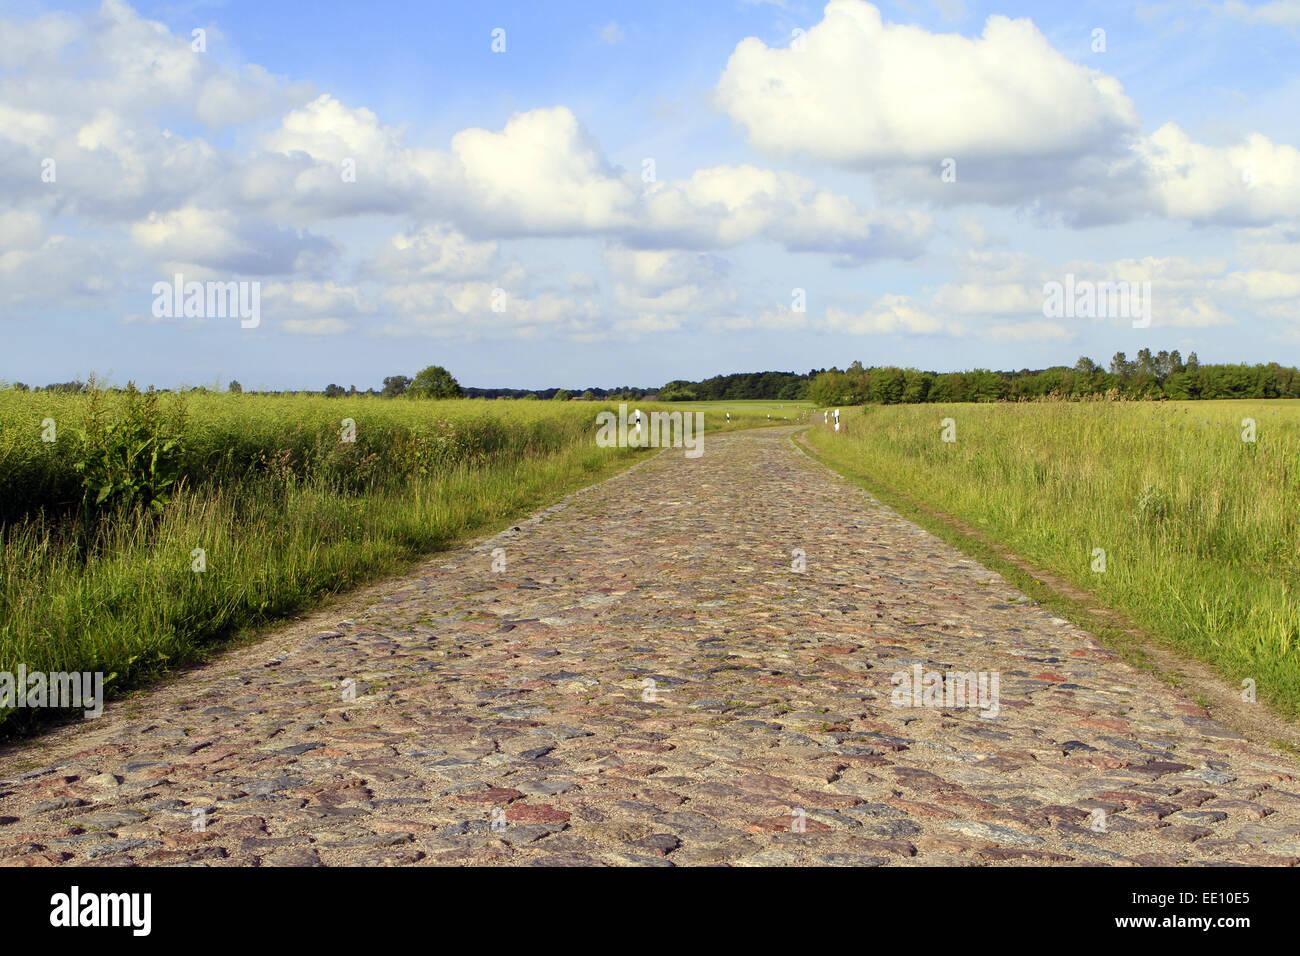 Deutschland, Mecklenburg-Vorpommern, Ostsee, Insel Ruegen, Kopfsteinstrasse - Stock Image